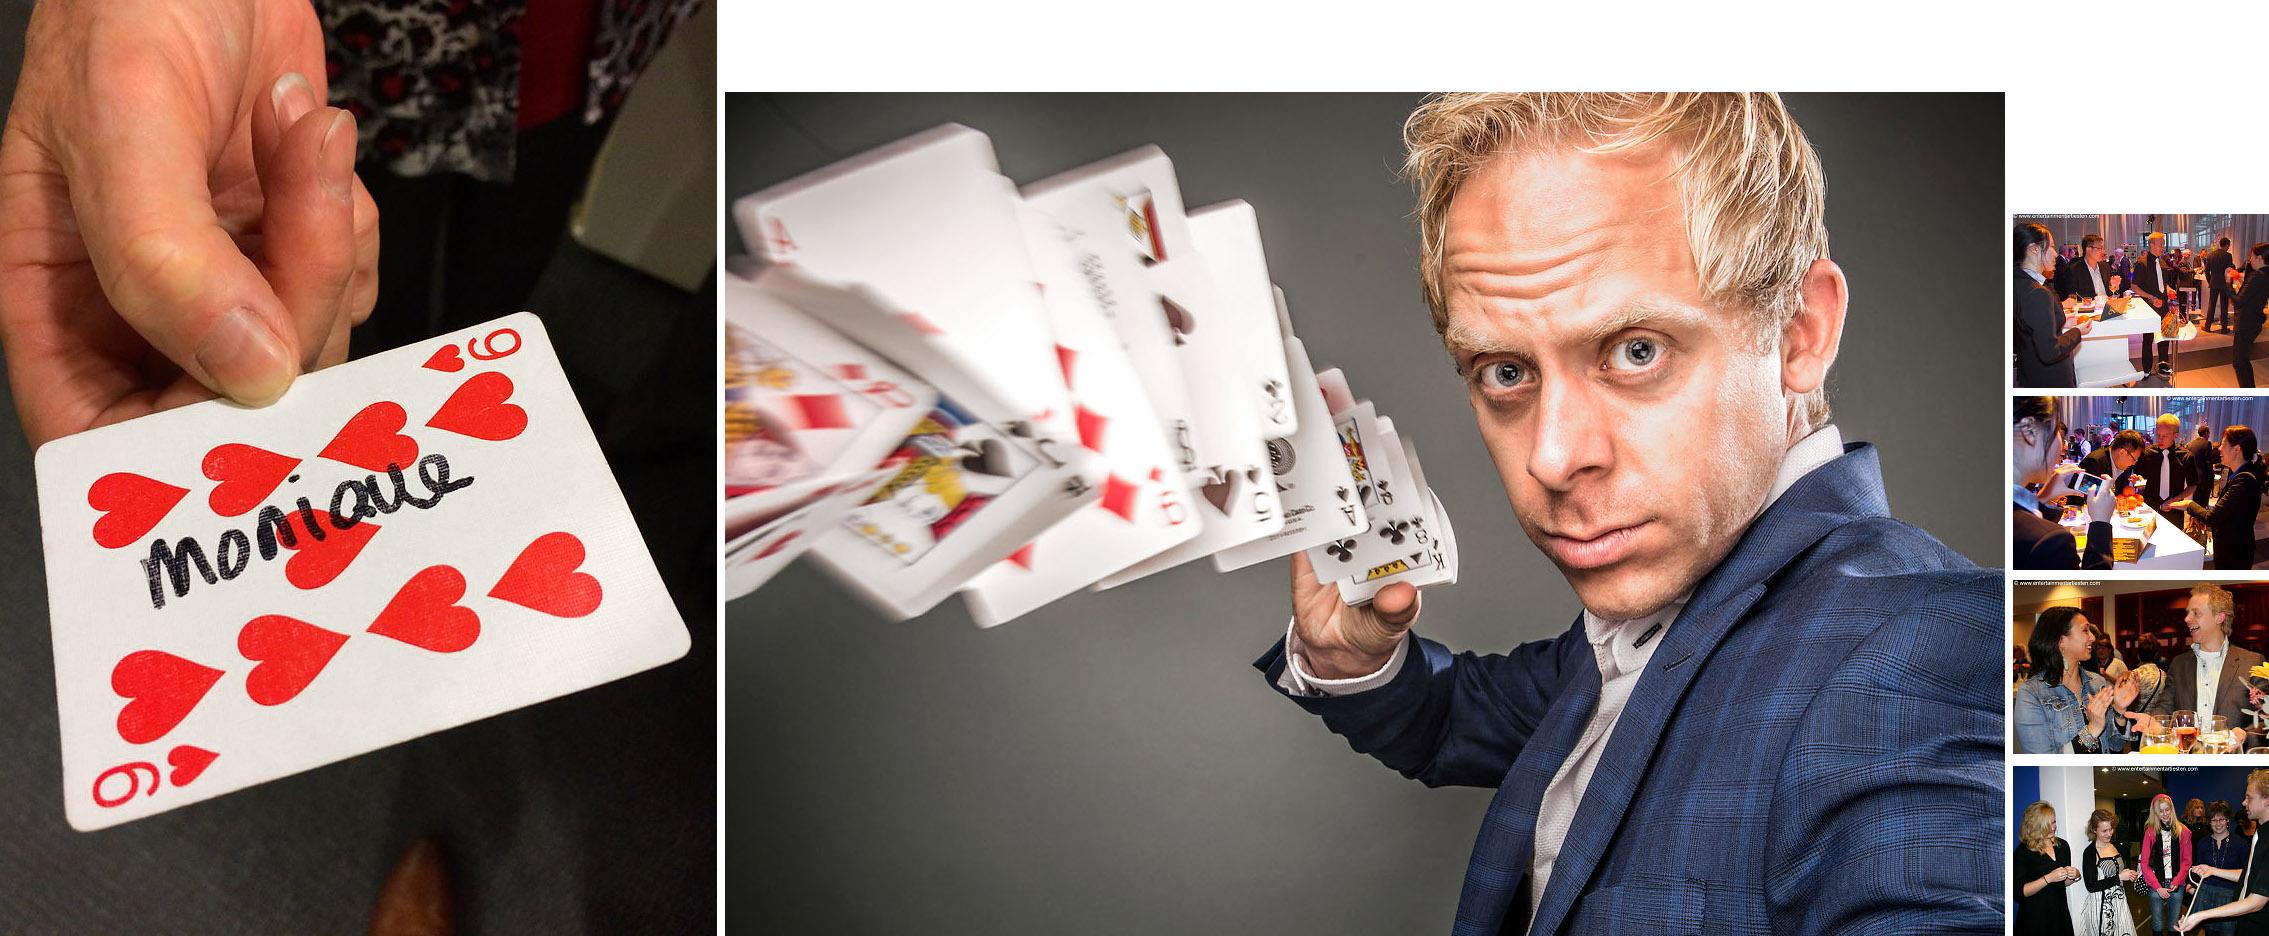 Goochelaar & tafelgoochelaar, gezellig entertainment voor feest of jubileum, goochel entertainment, goochelen, illustionist, artiesten boeken, Govers Evenementen, www.goversartiesten.nl